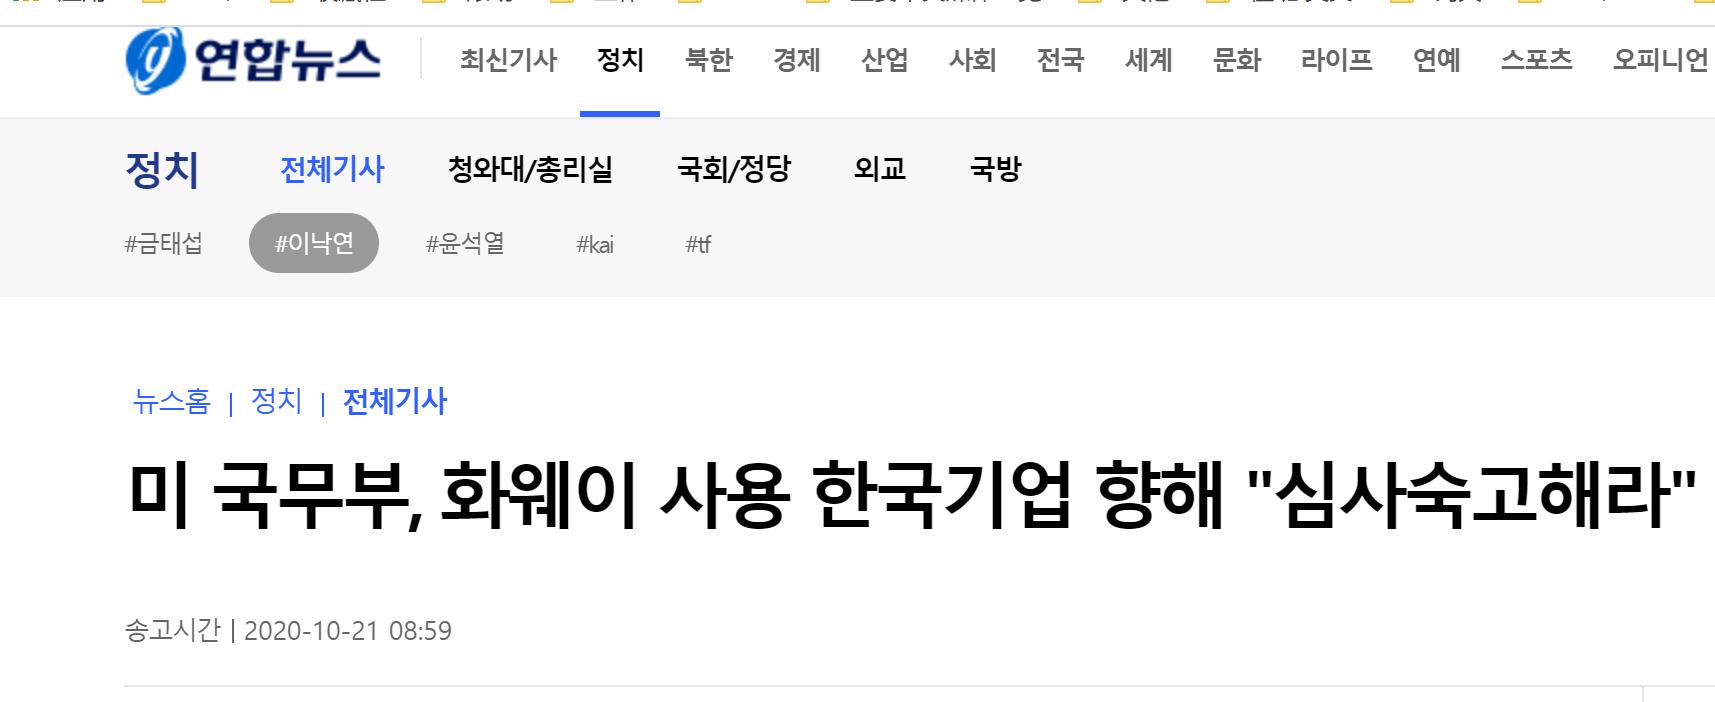 """加码施压!韩媒:美国务院要使用华为设备的韩国企业""""深思熟虑"""""""